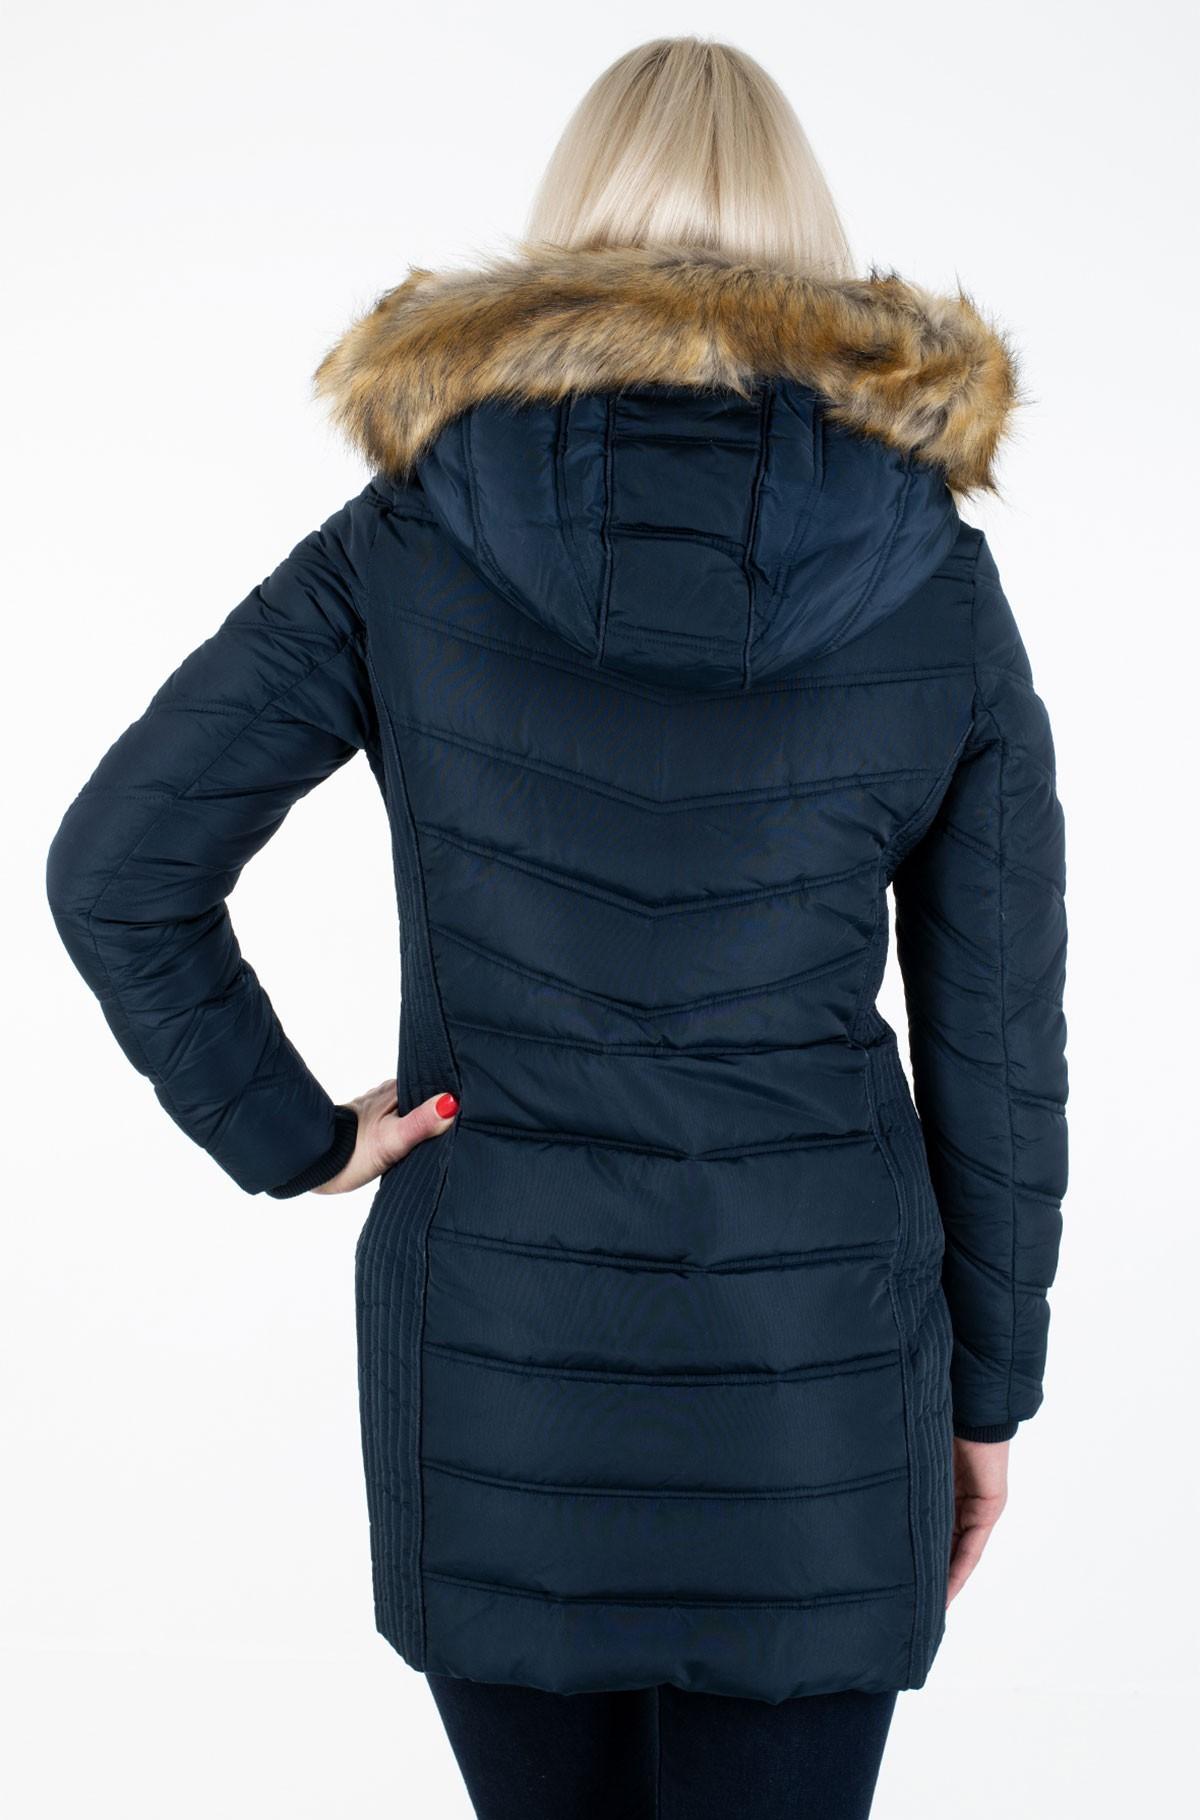 Pea coat 1020608-full-3